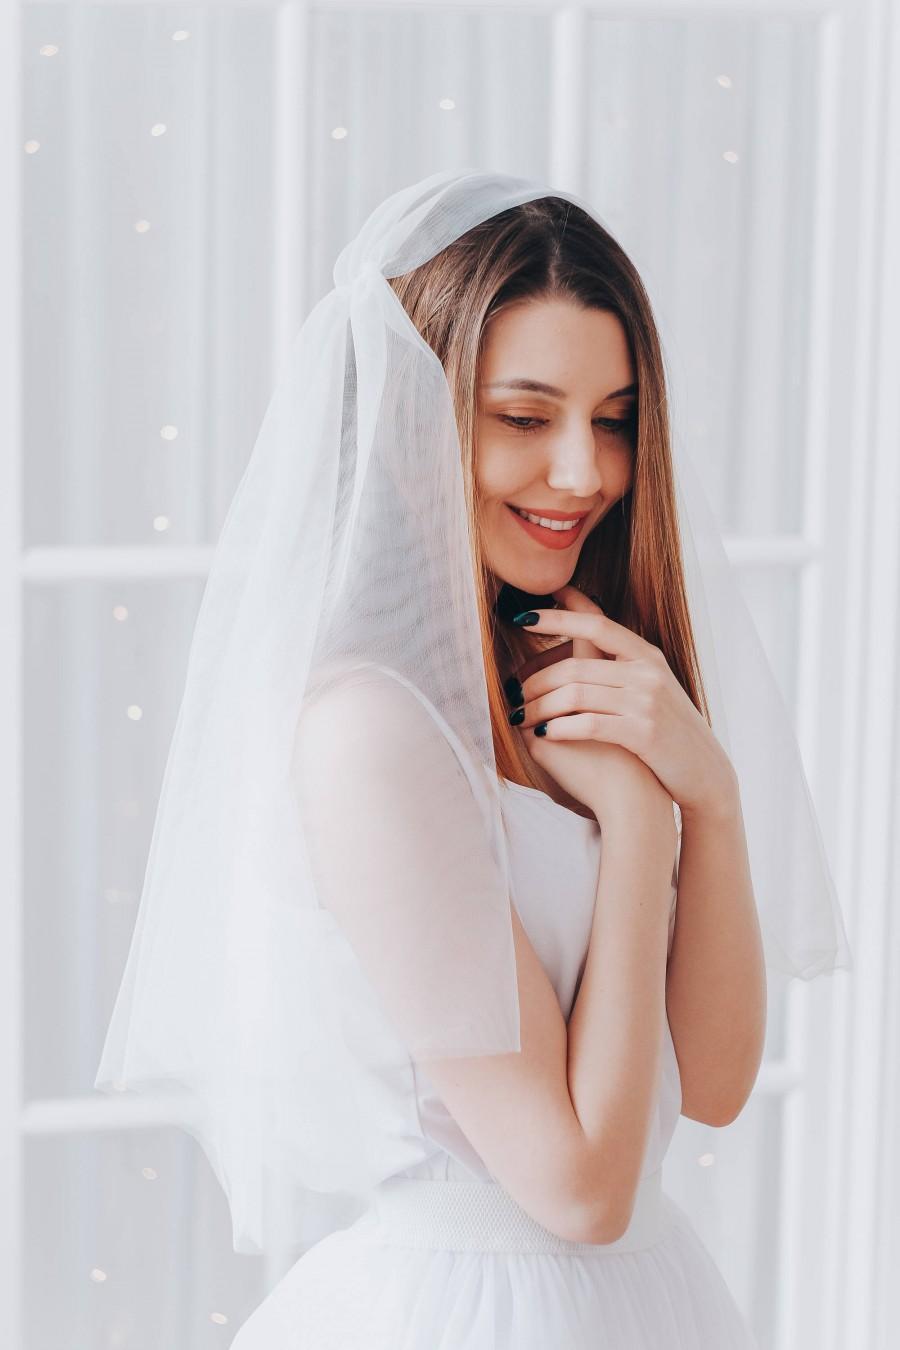 Свадьба - Juliet cap wedding veil, Bridal veil, Ivory veil wedding, Veil with blusher